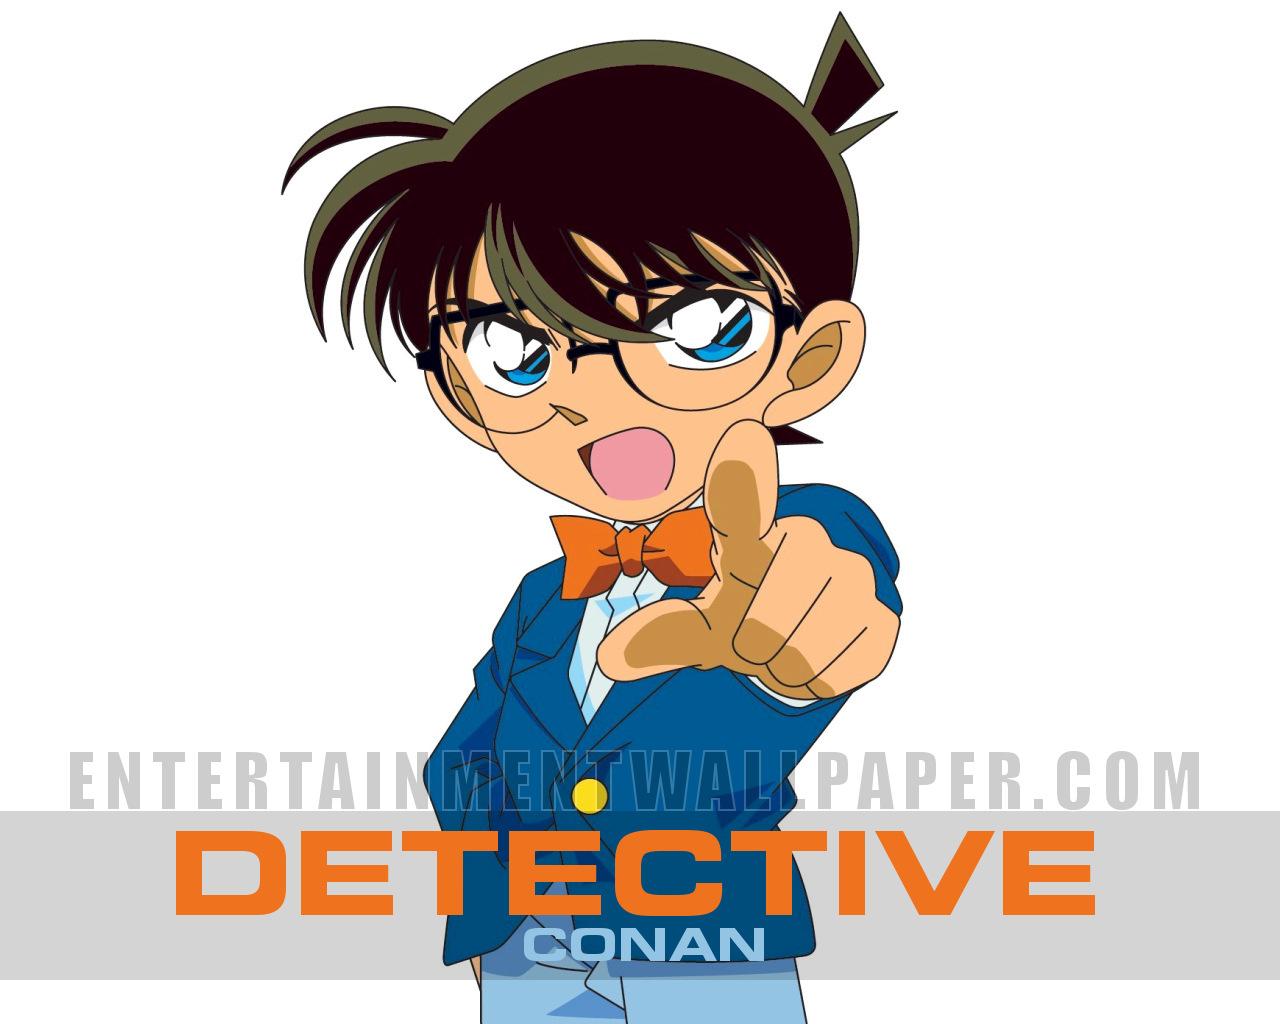 http://3.bp.blogspot.com/_5qAQDonK94g/TMk1yRQ79II/AAAAAAAAAWc/X4cHCgZFCV4/s1600/tv_detective_conan03.jpg